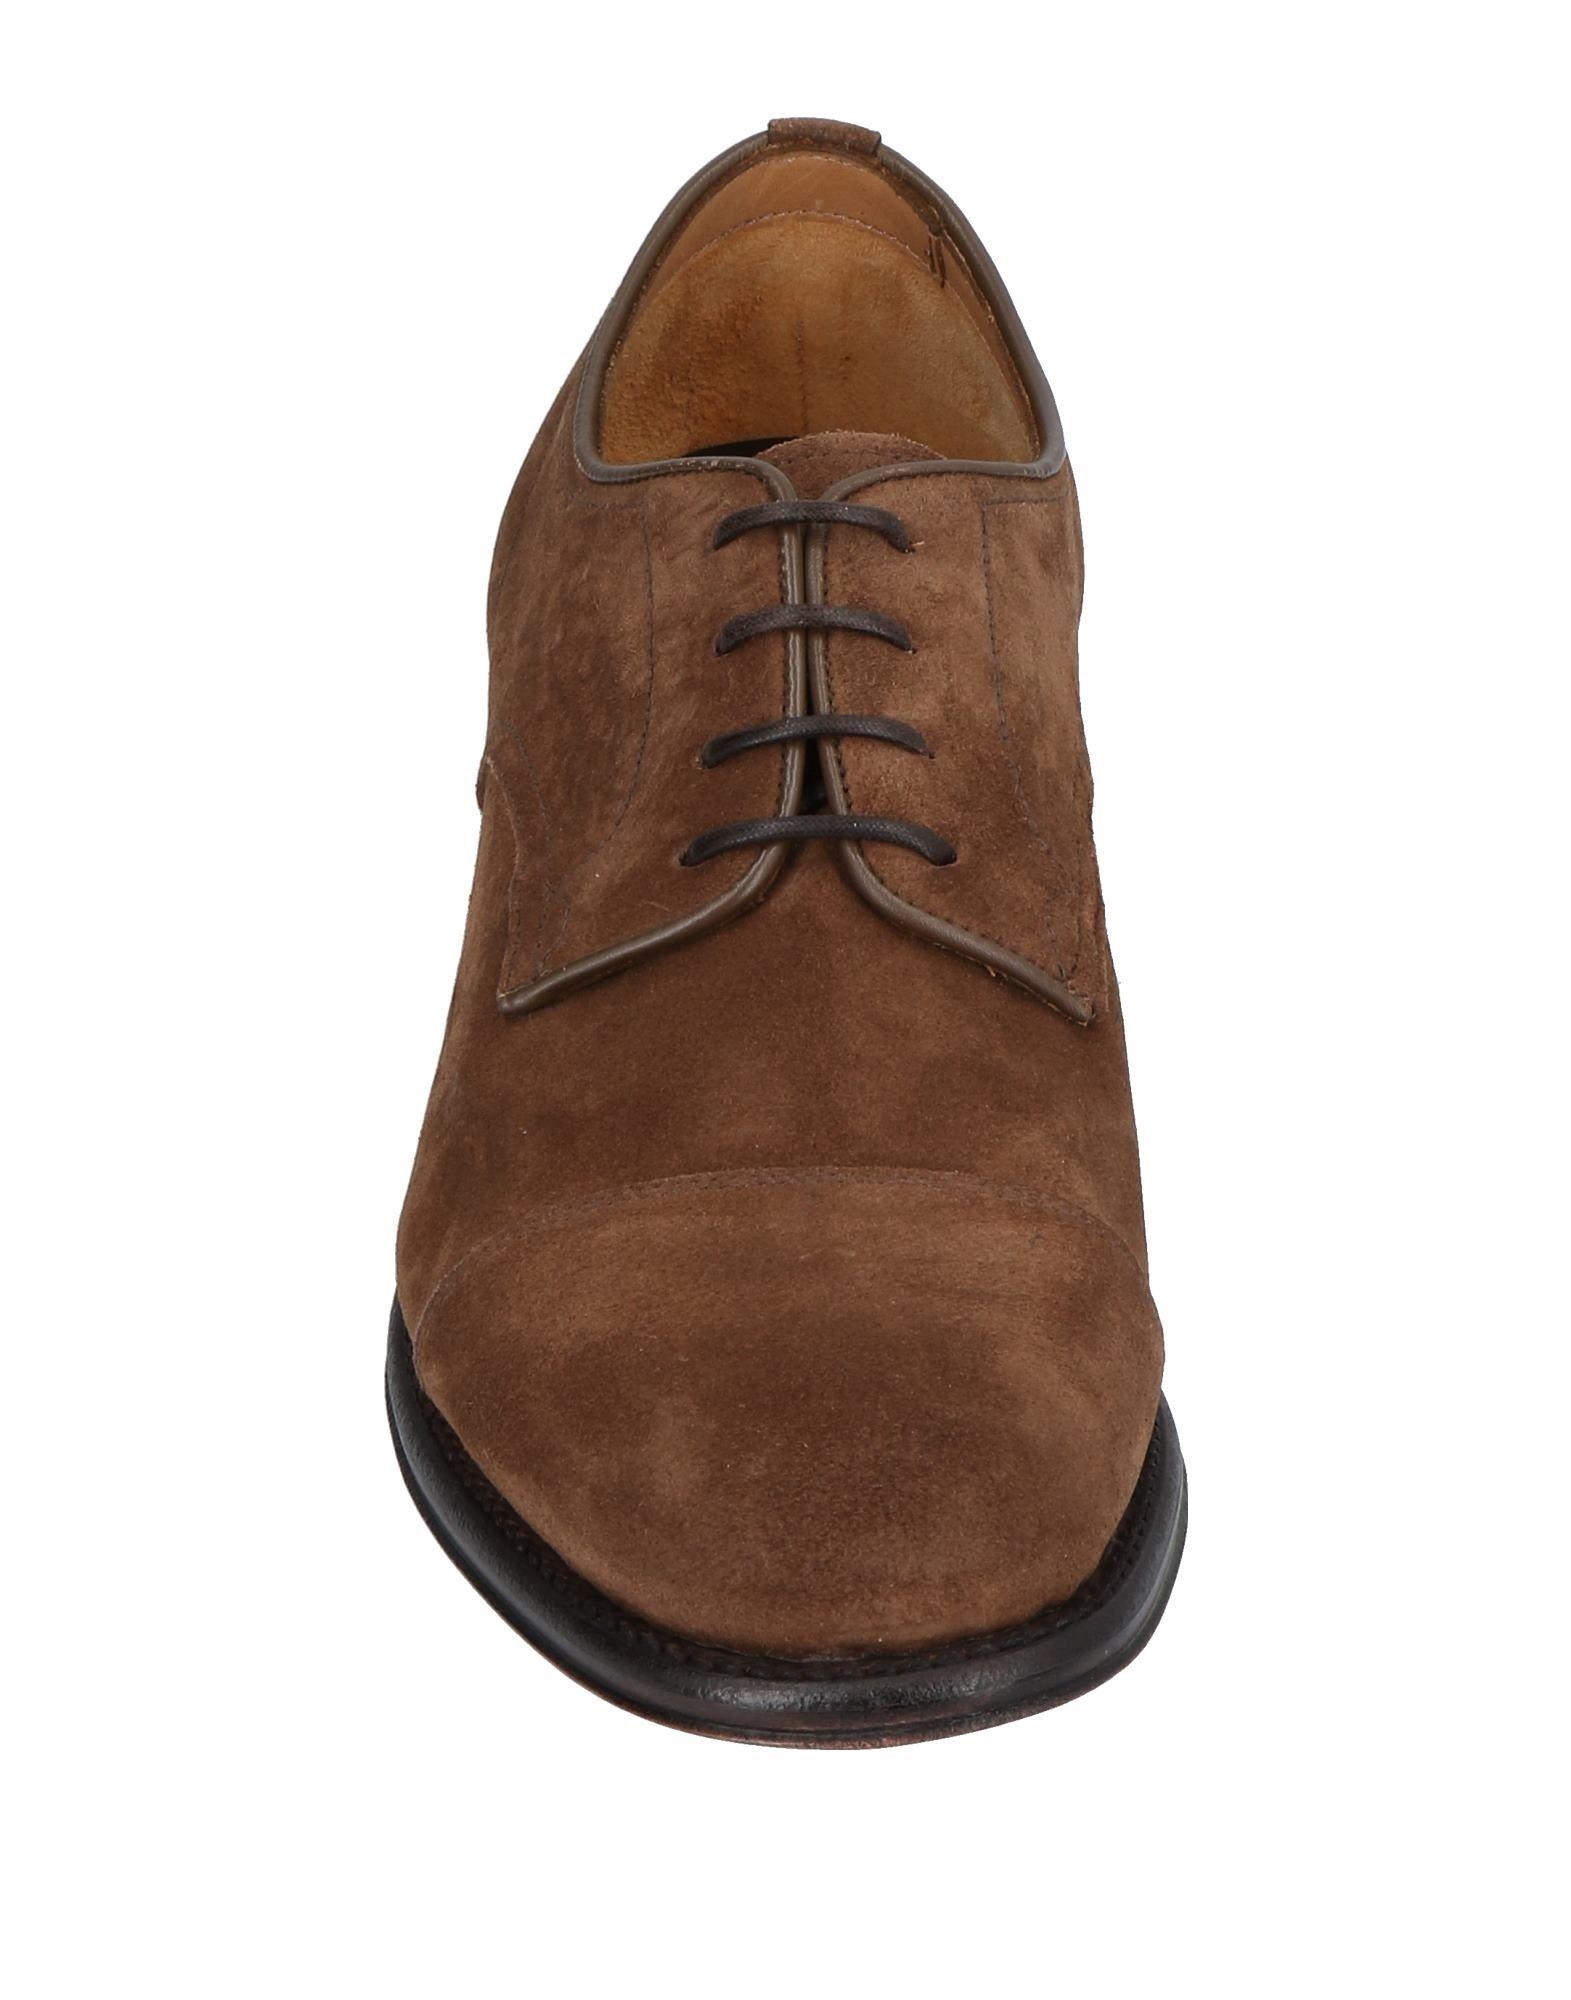 Silvano Sassetti Schnürschuhe Herren  11456423XJ Gute Qualität beliebte Schuhe